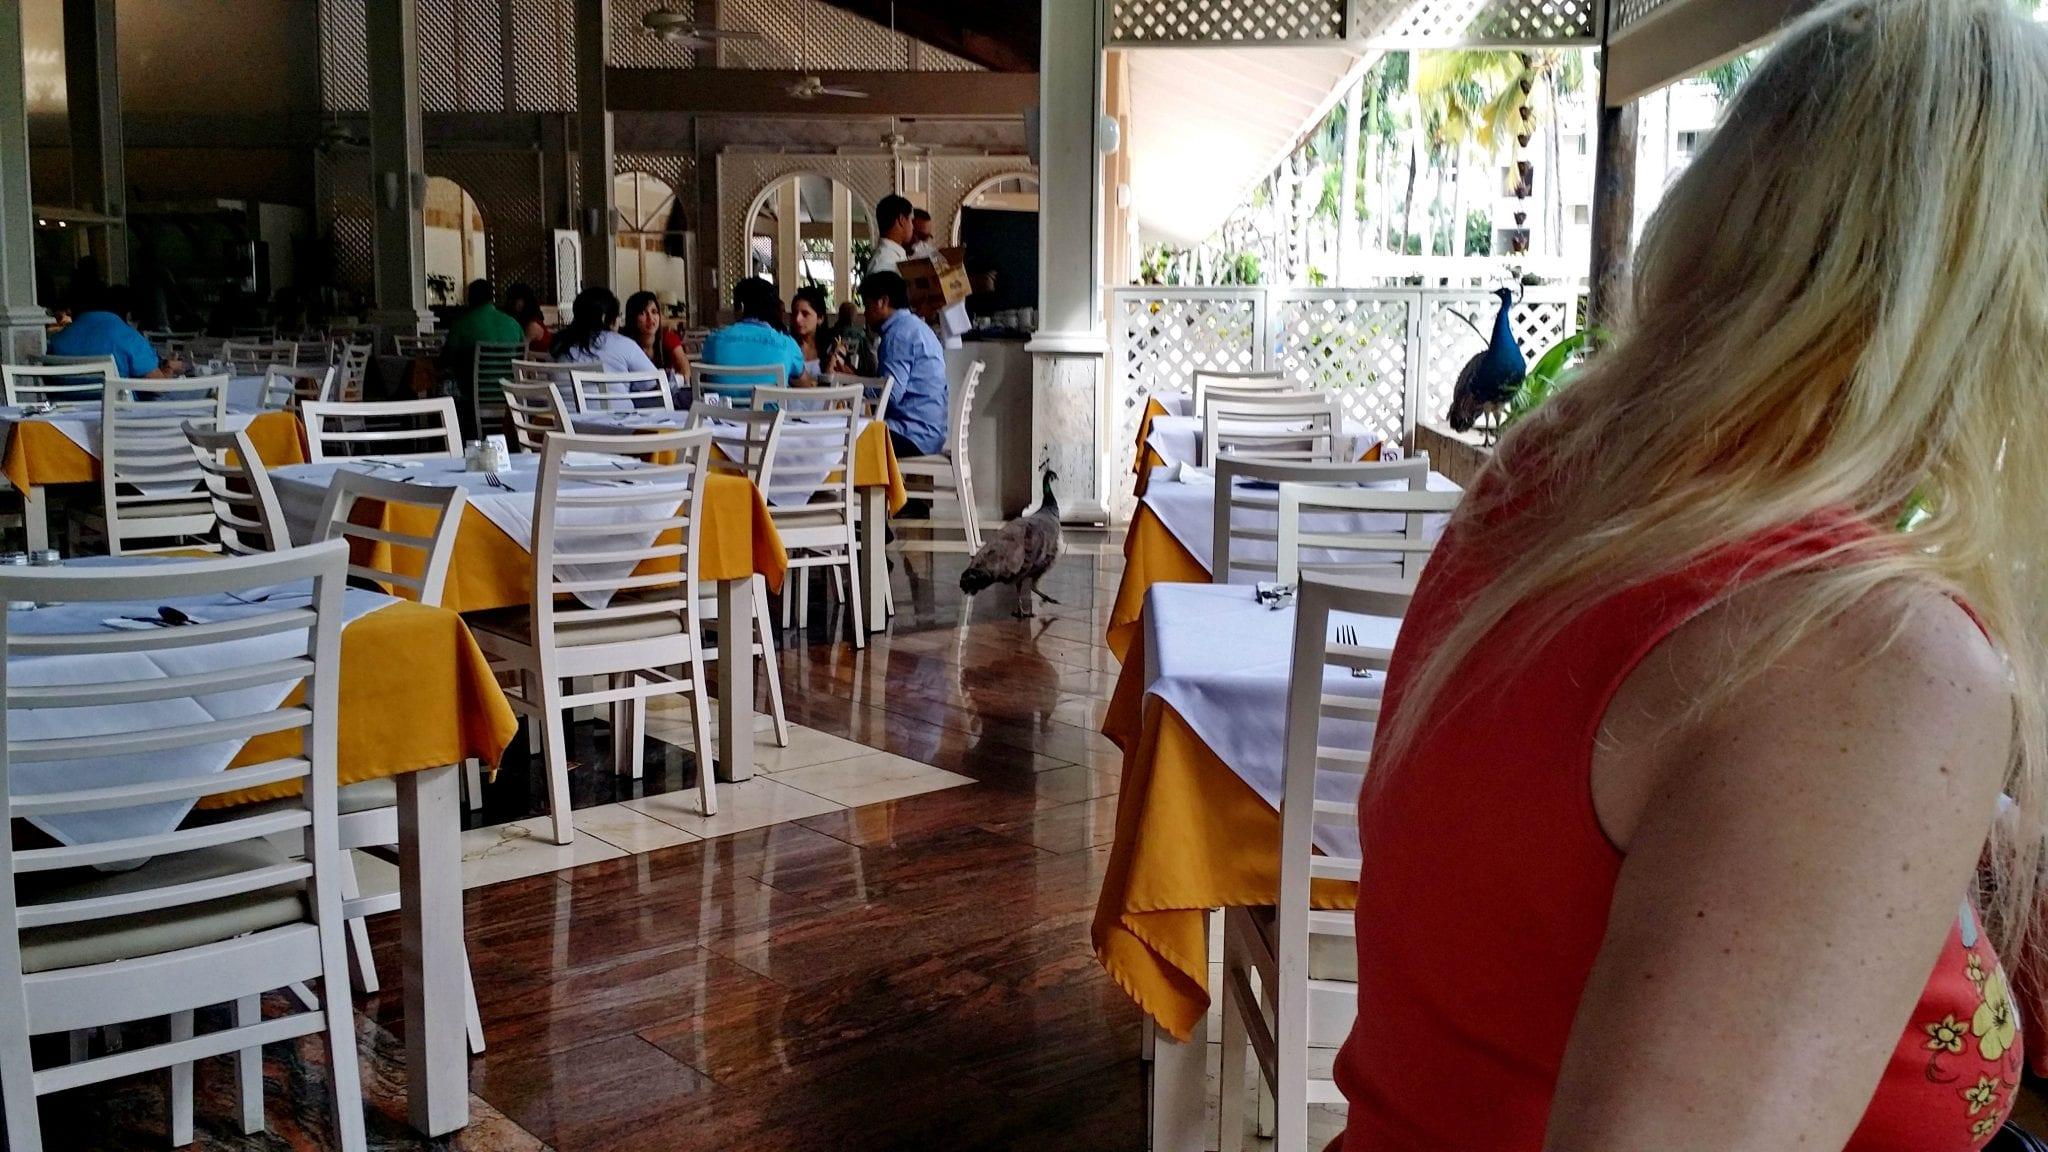 Pfauen stolzieren munter durch den Speisesaal auf der Such nach Leckereien